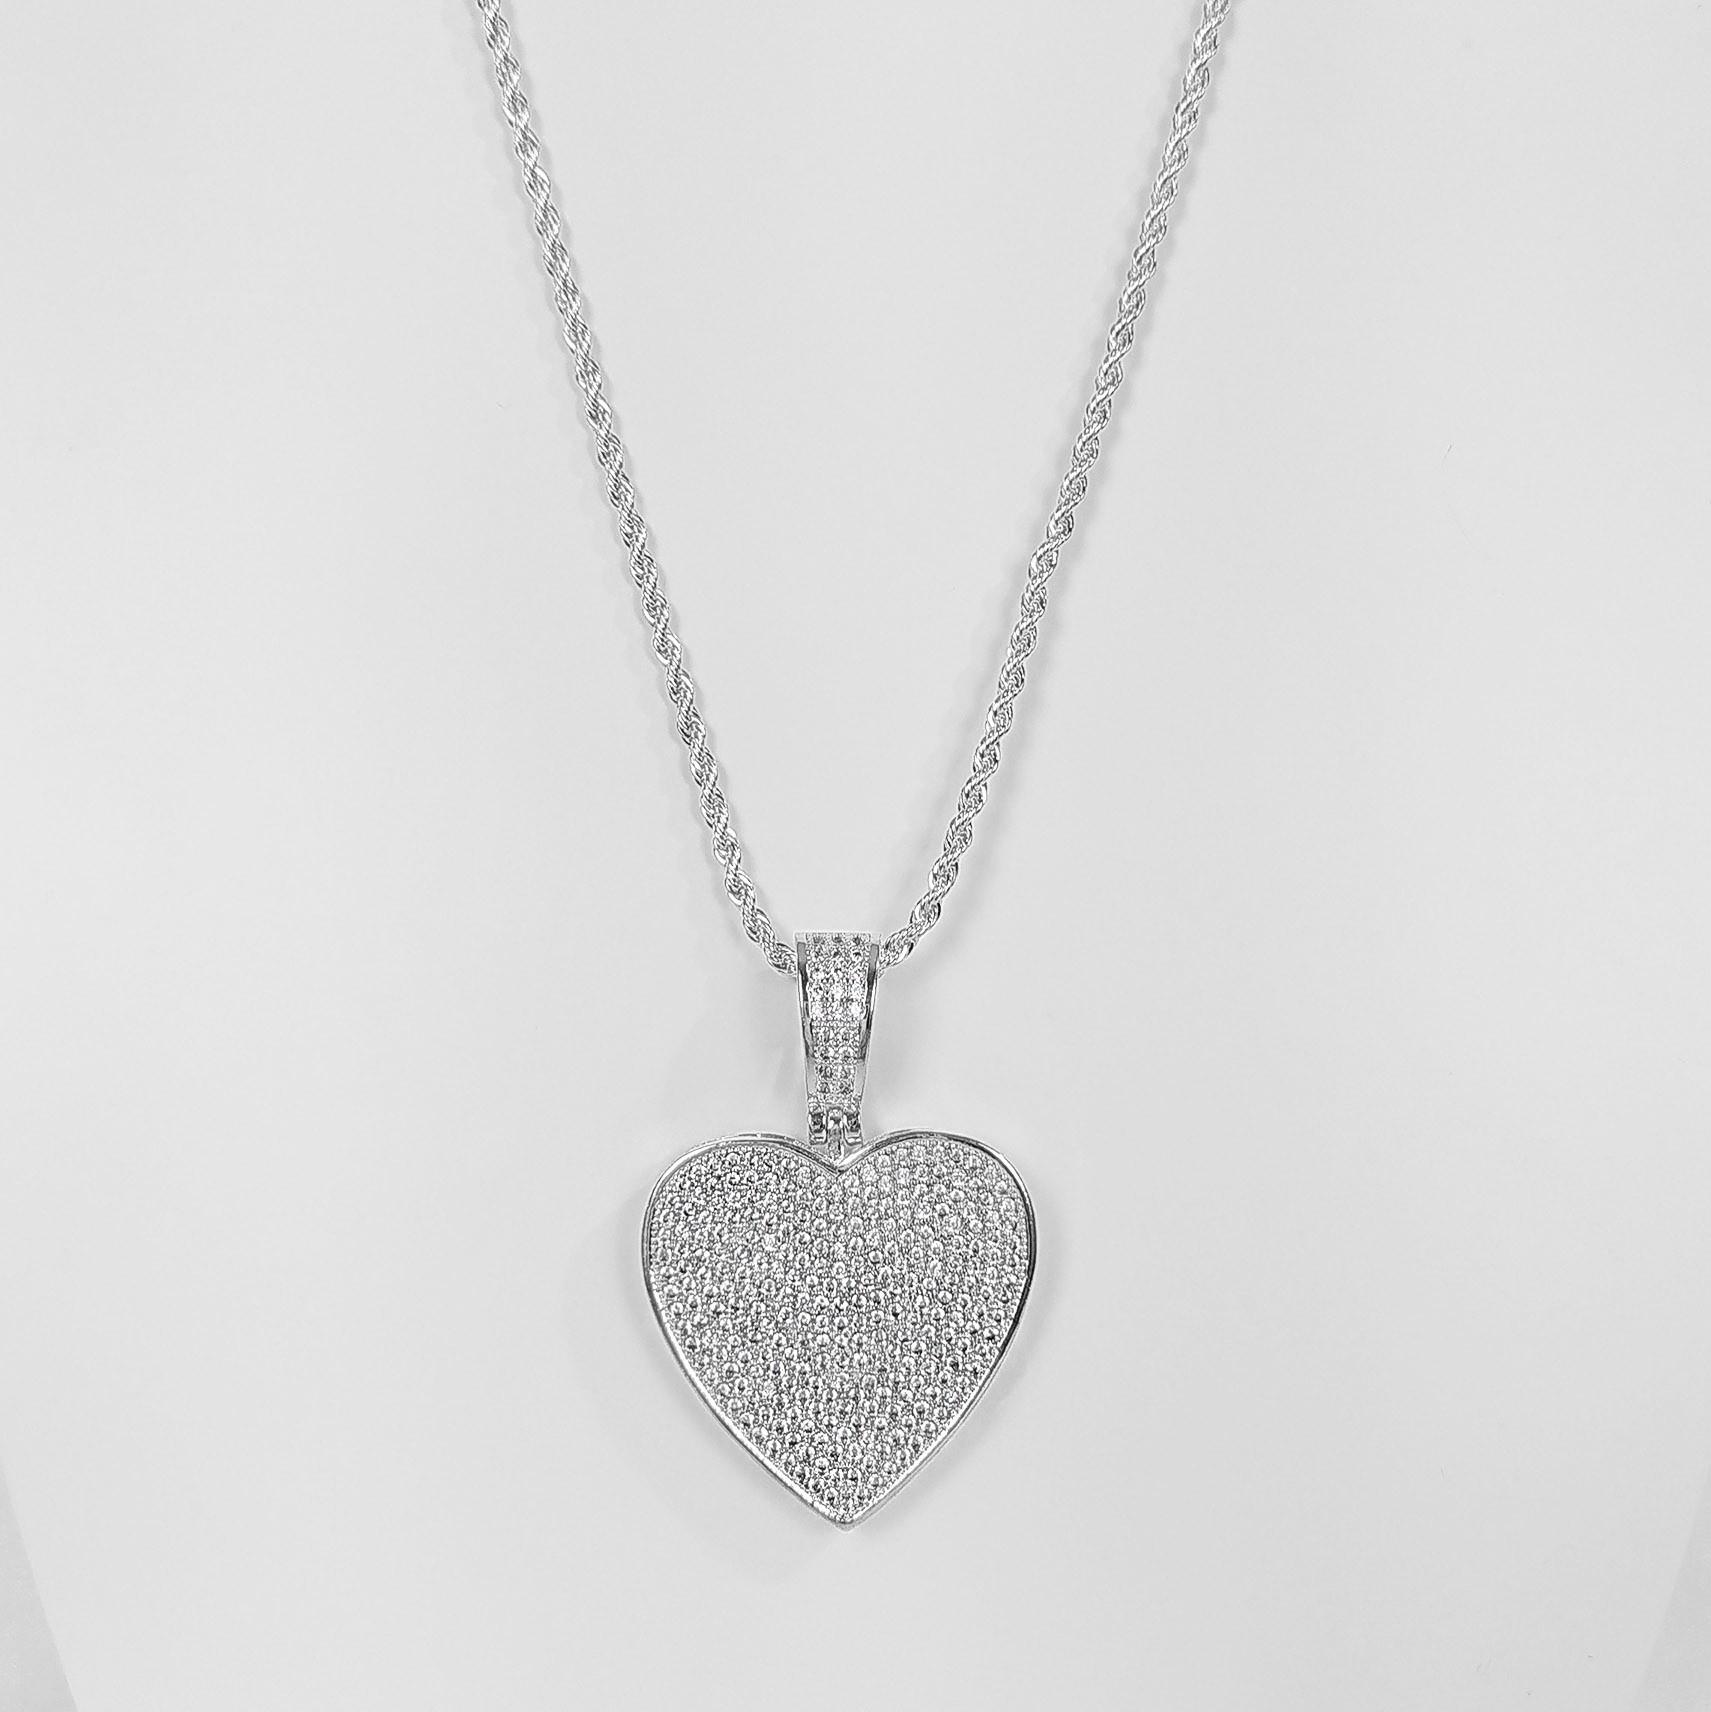 Colar 45 cm Coração Luxo Cravejado Folheado a Prata 1000  - Lunozê Joias